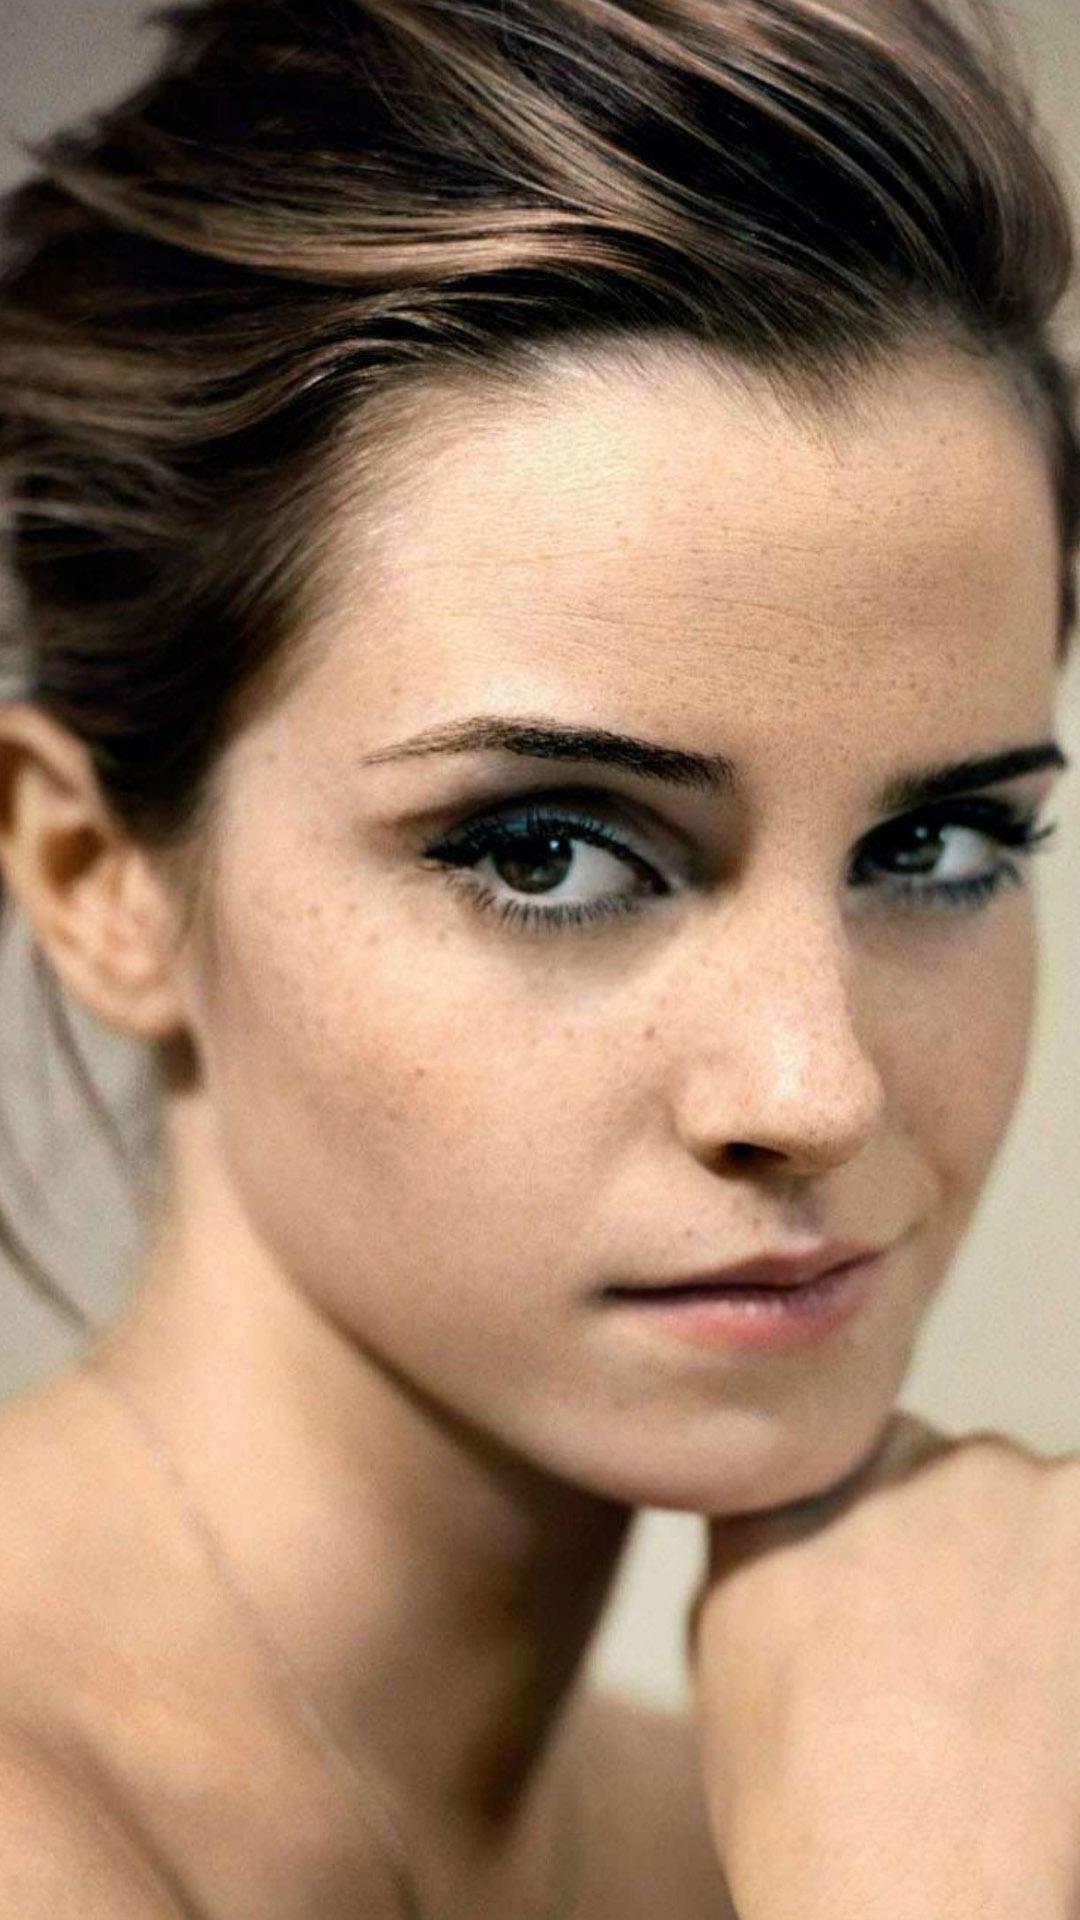 Emma Watson beautiful eyes